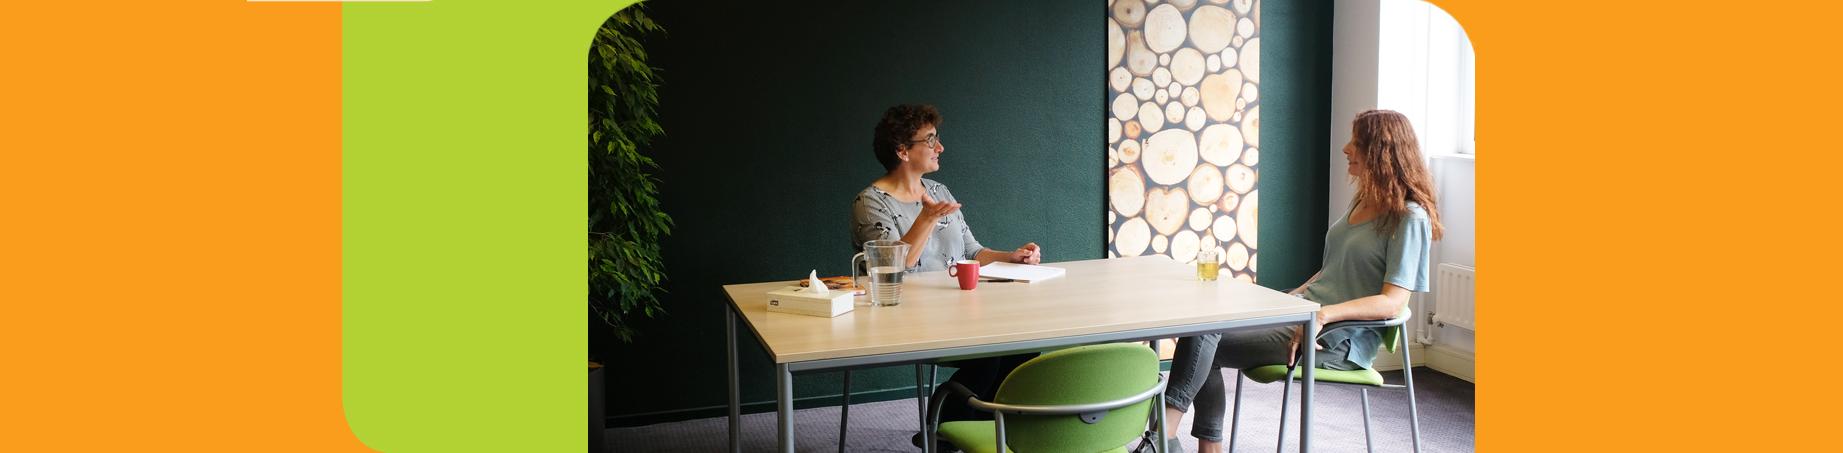 Okkerse en van Grinsven psycholoog nijmegen